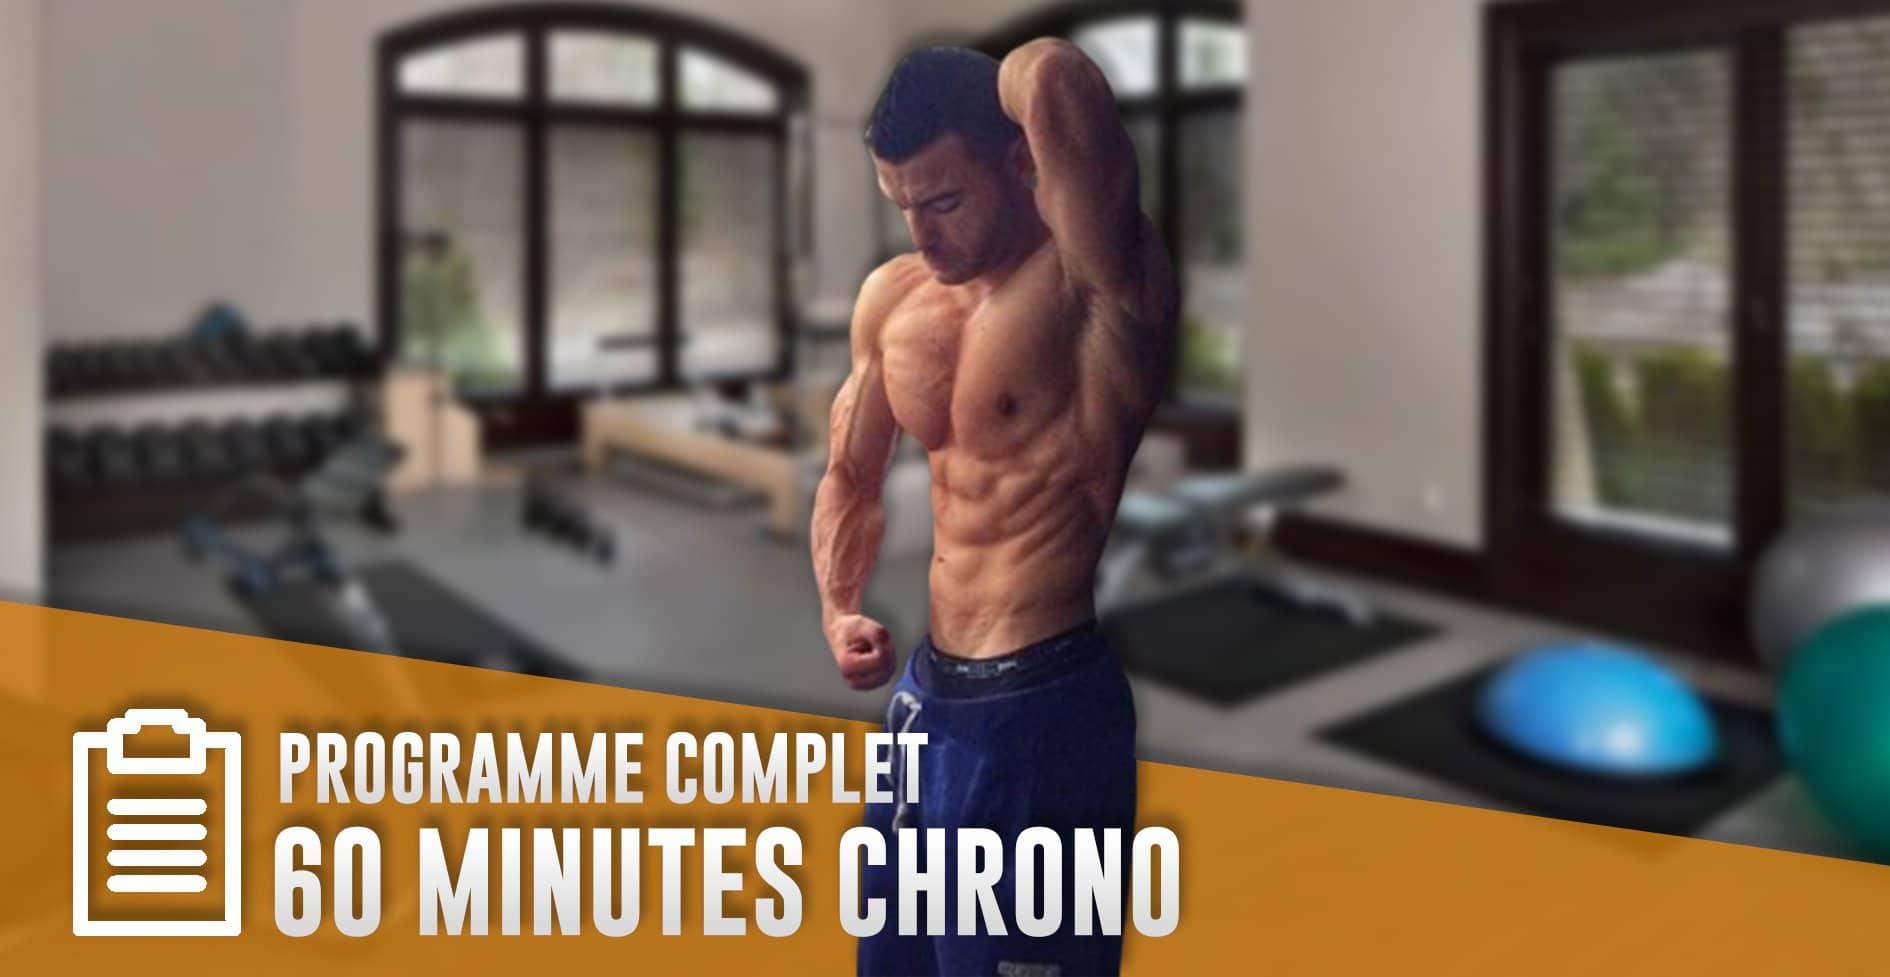 Programme musculation 60 minutes – programme entrainement complet en pdf